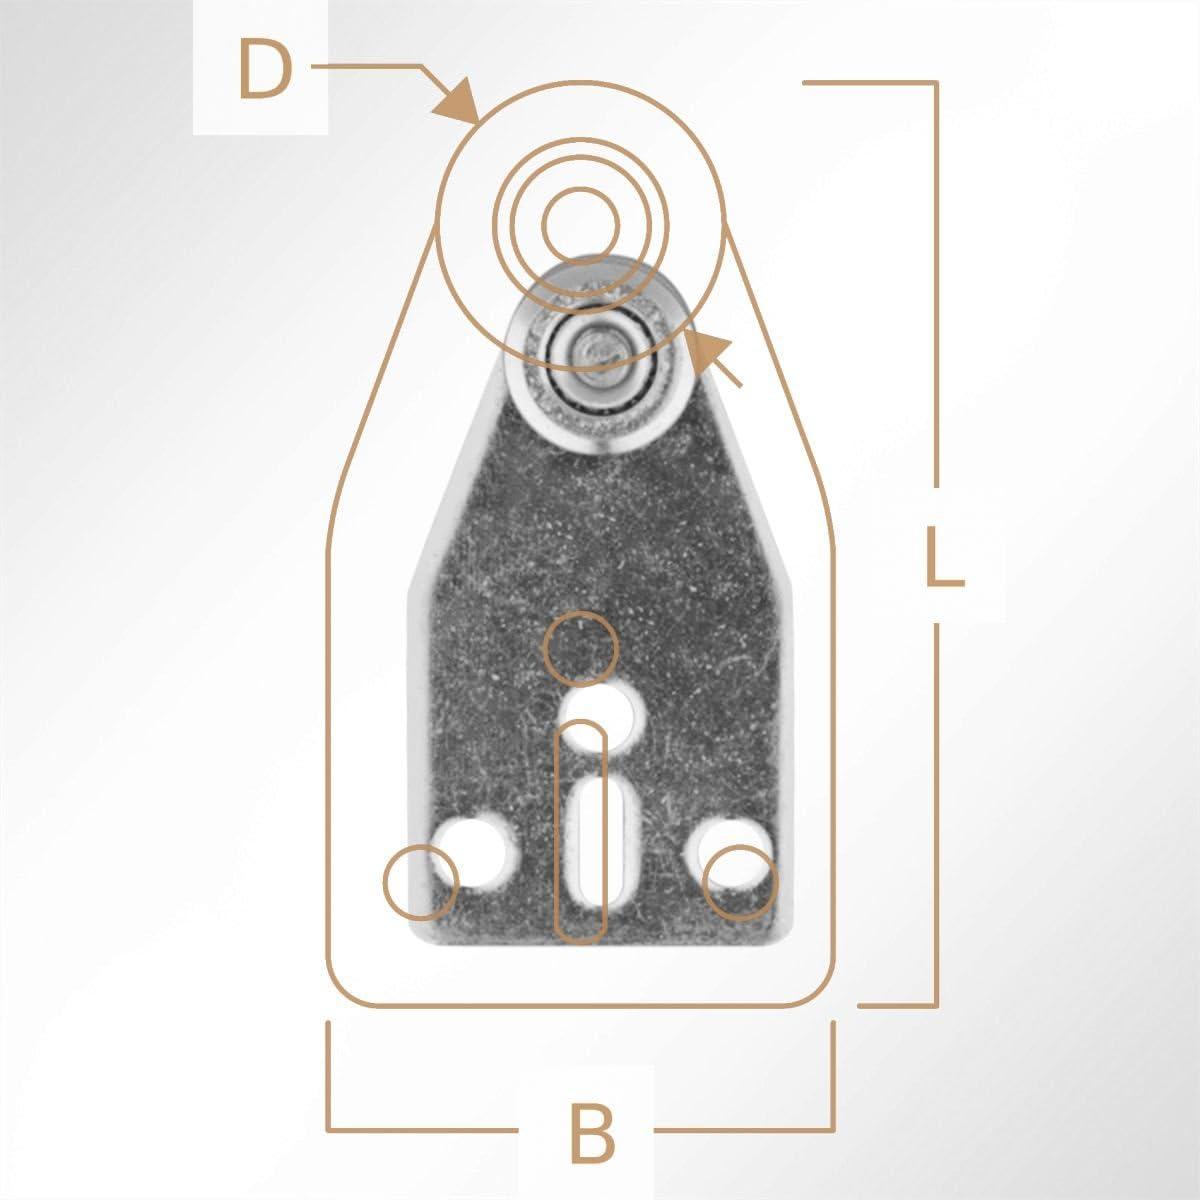 LYSEL Laufrolle F/ührungsrollen Laufwagen Rollenlaufwerk verzinkt mit Kugellager f/ür Laufschiene 25x19mm Schiebetor 1 St/ück